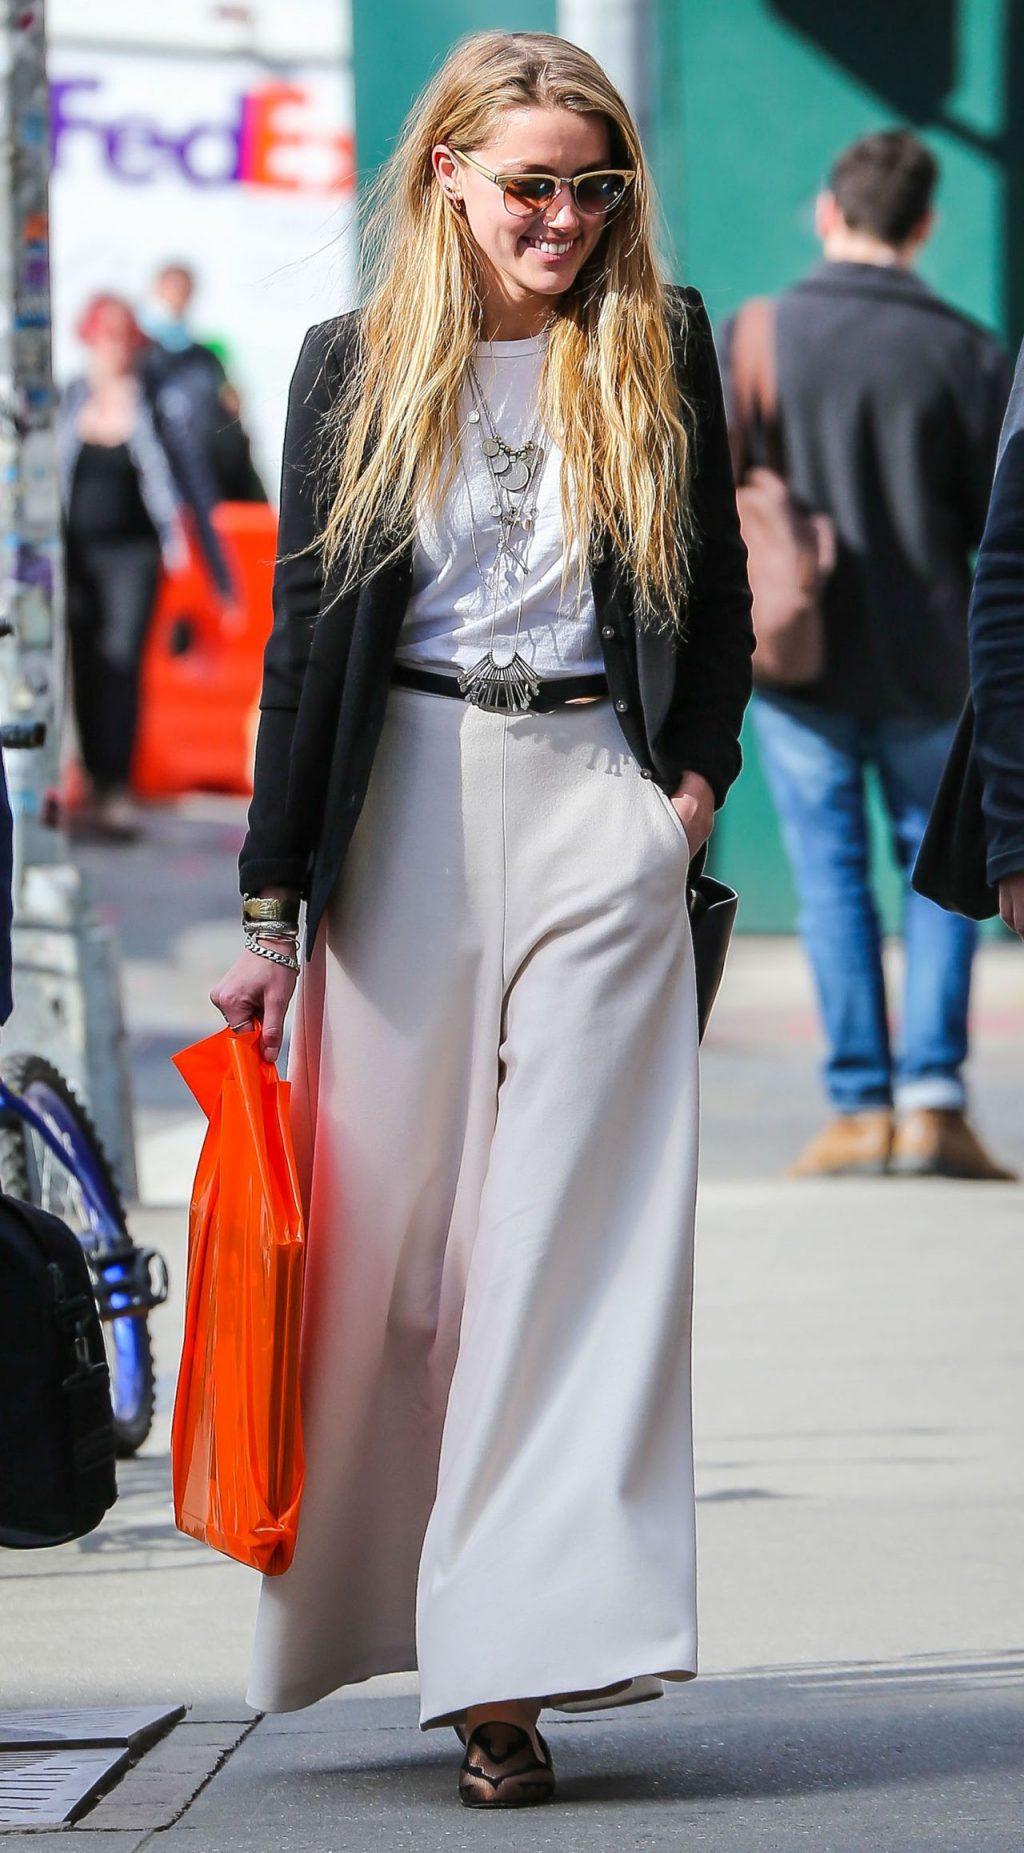 Phong cách thời trang Amber Heard 21